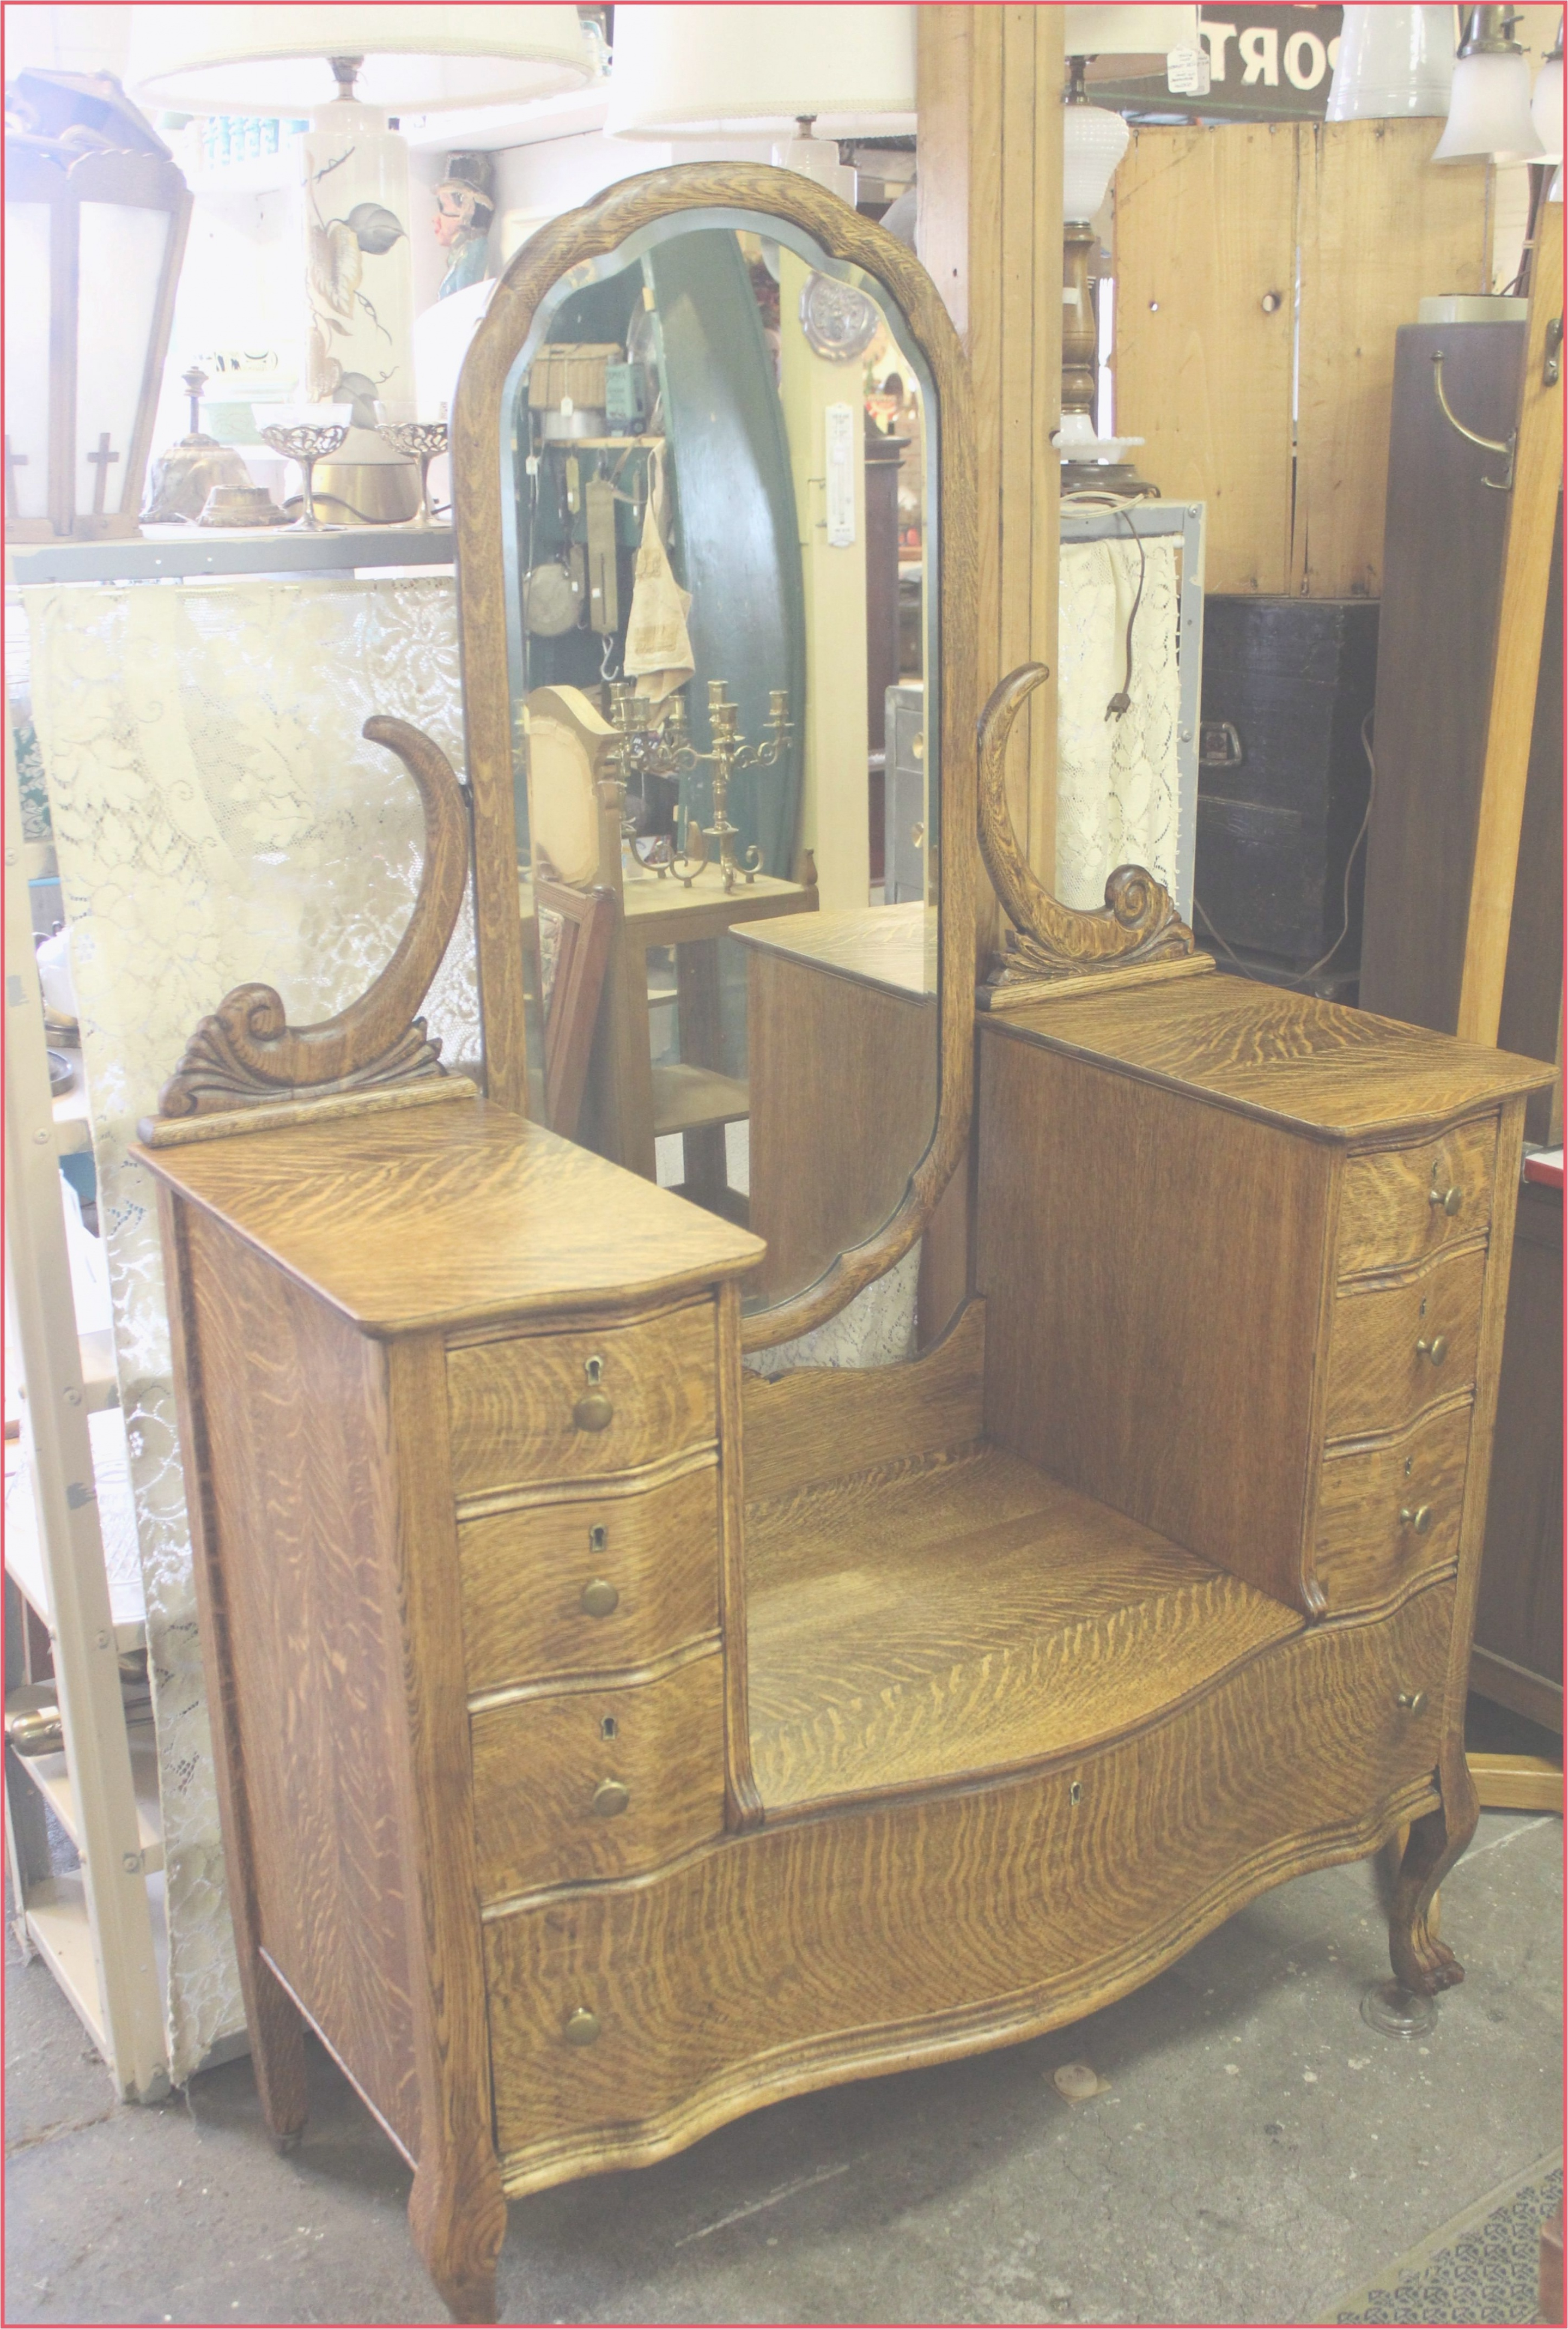 Reciclar Muebles Viejos Whdr O Restaurar Un Mueble Bogotaeslacumbre Inicio Reciclar Muebles